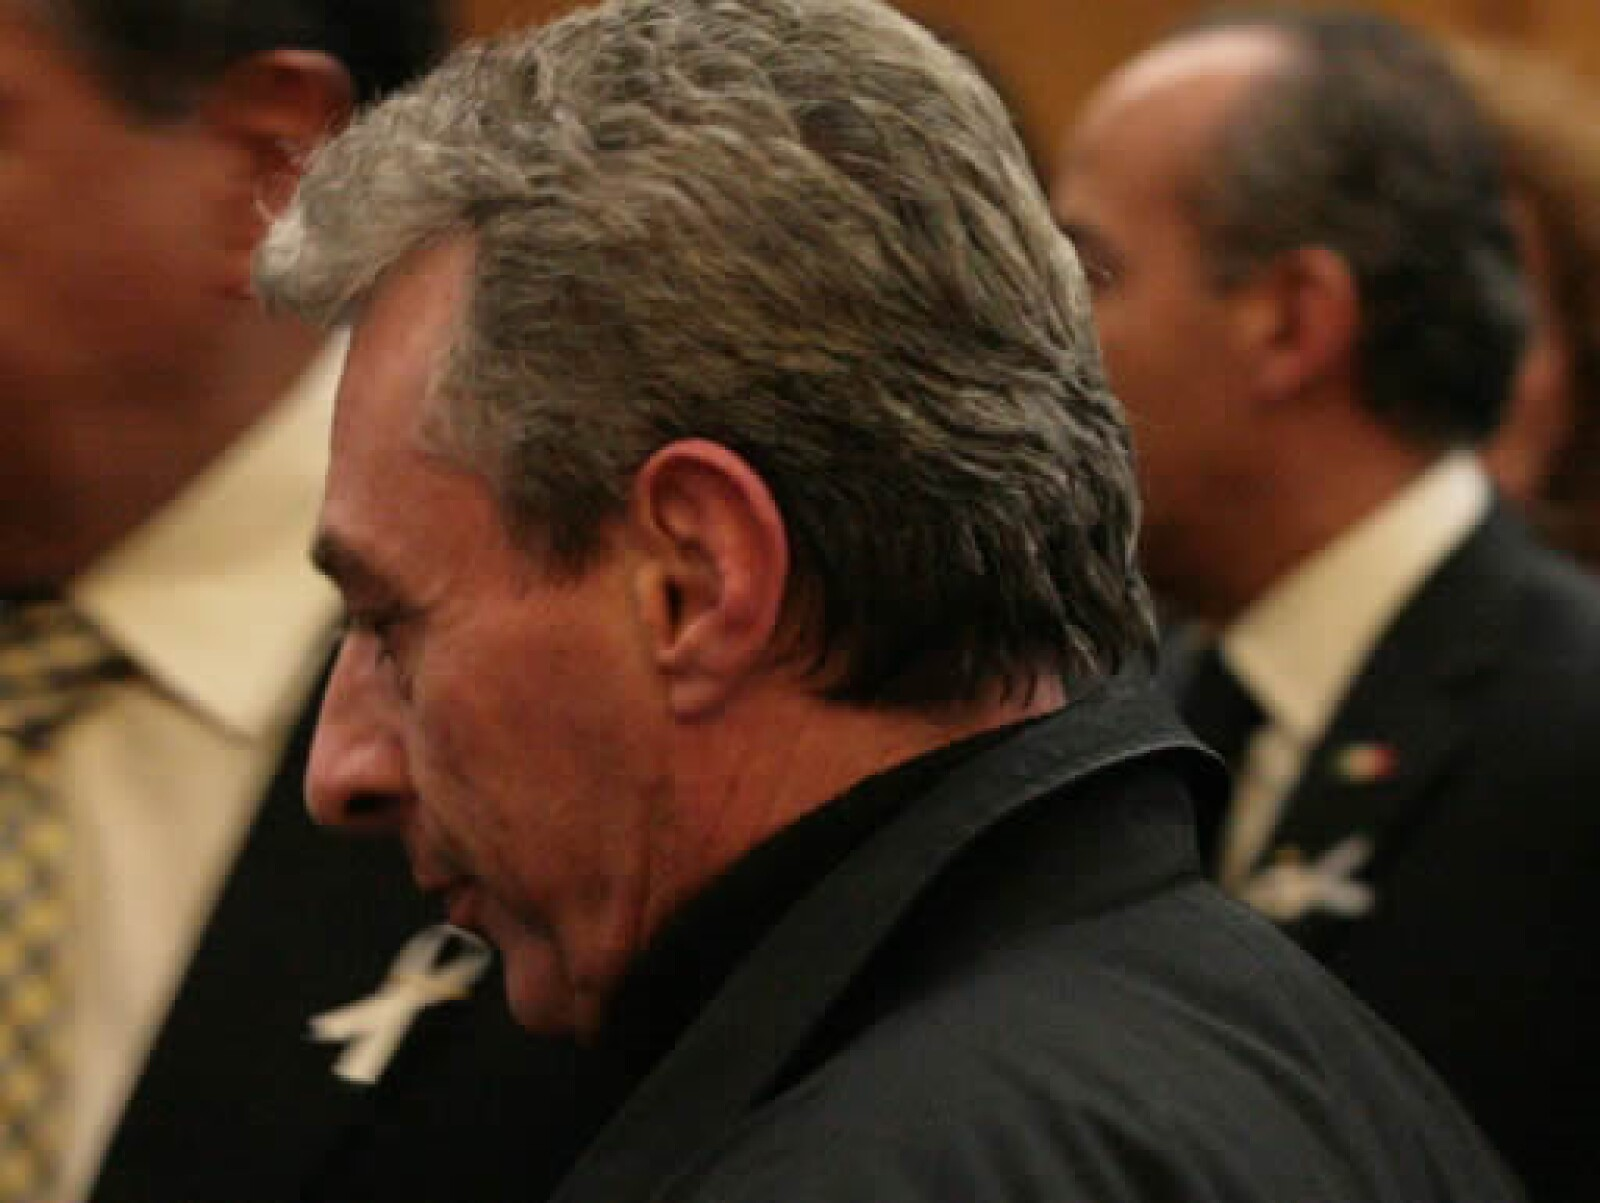 El actor César Costa acudió a la celebración para dar sus condolencias.